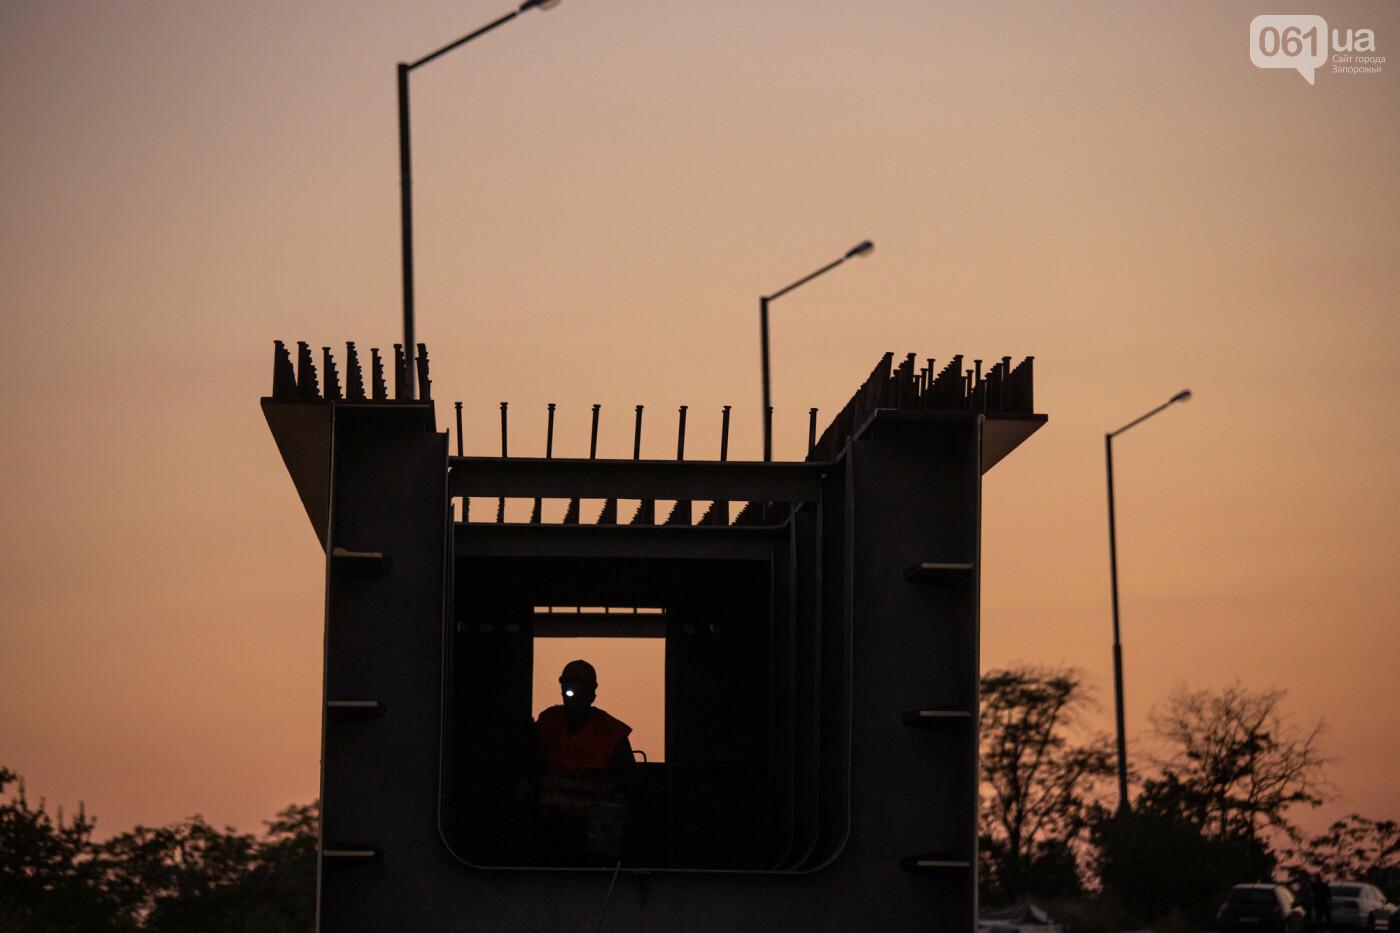 В Запорожье собирают балочный мост через Старый Днепр – строители работают даже ночью, - ФОТОРЕПОРТАЖ , фото-6